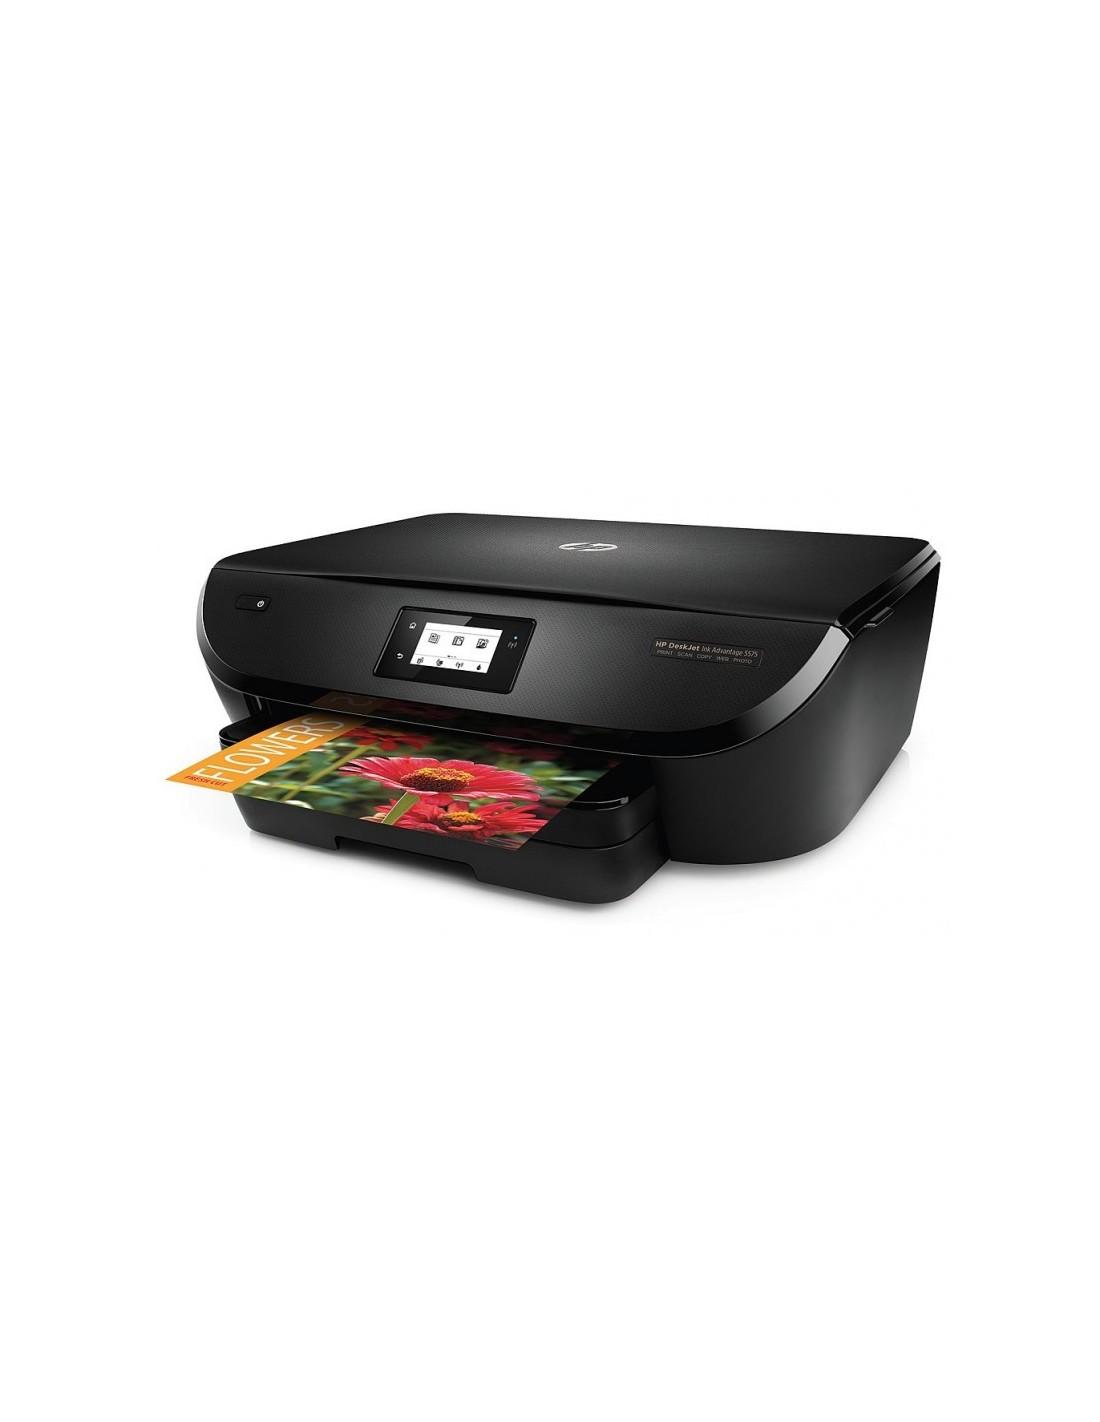 imprimante tout en un hp deskjet ink advantage 5575 g0v48c. Black Bedroom Furniture Sets. Home Design Ideas